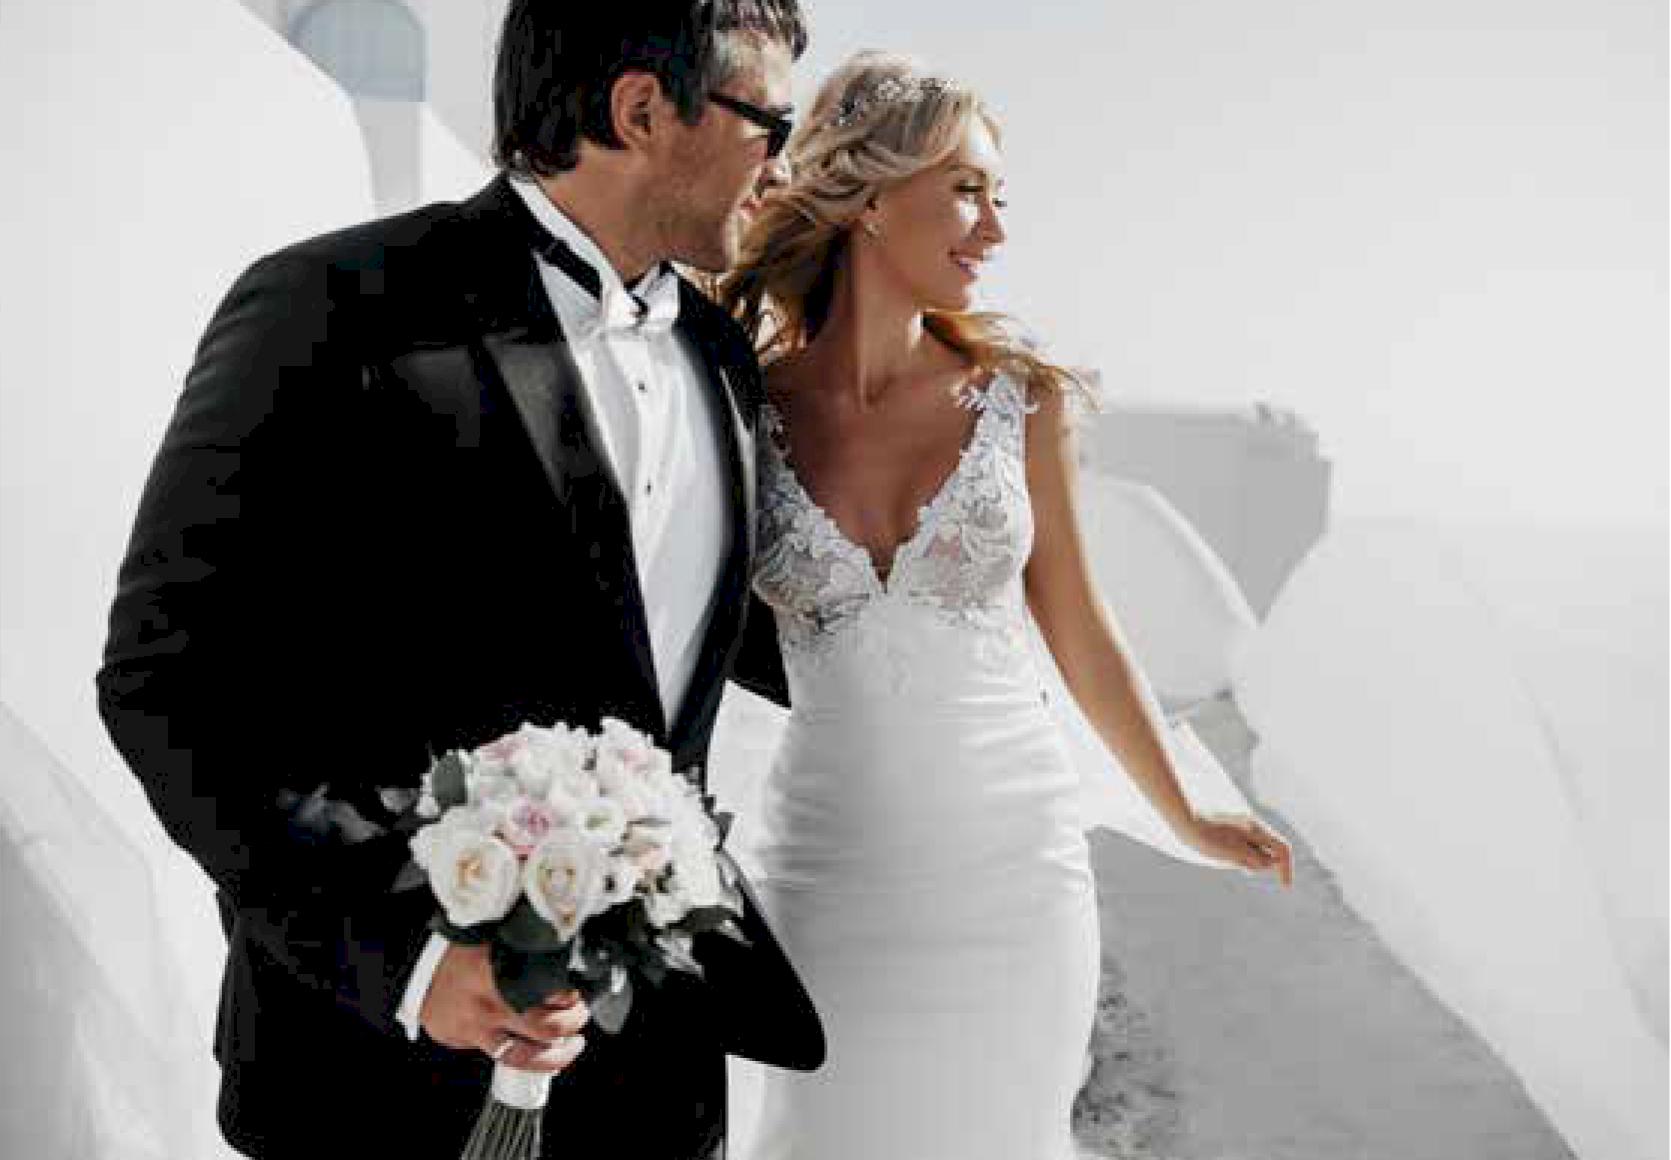 Main page: свадьба на санторини, свадебное агентство Julia Veselova - Фото 4